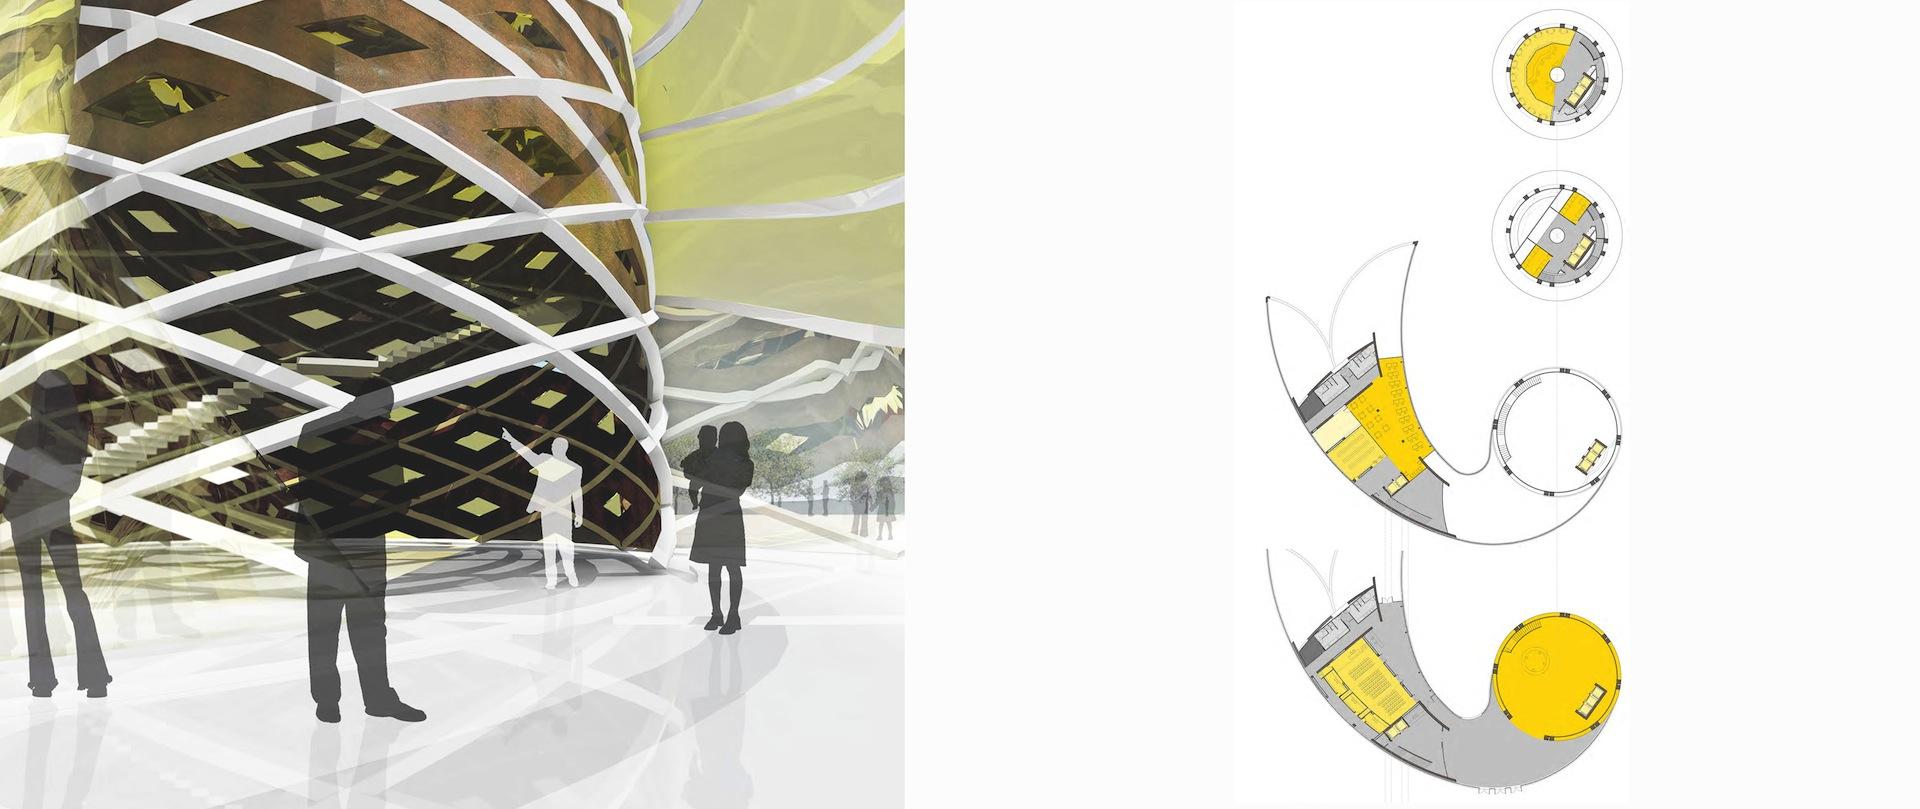 singularq-architecture-lab-concurso-arquitectura